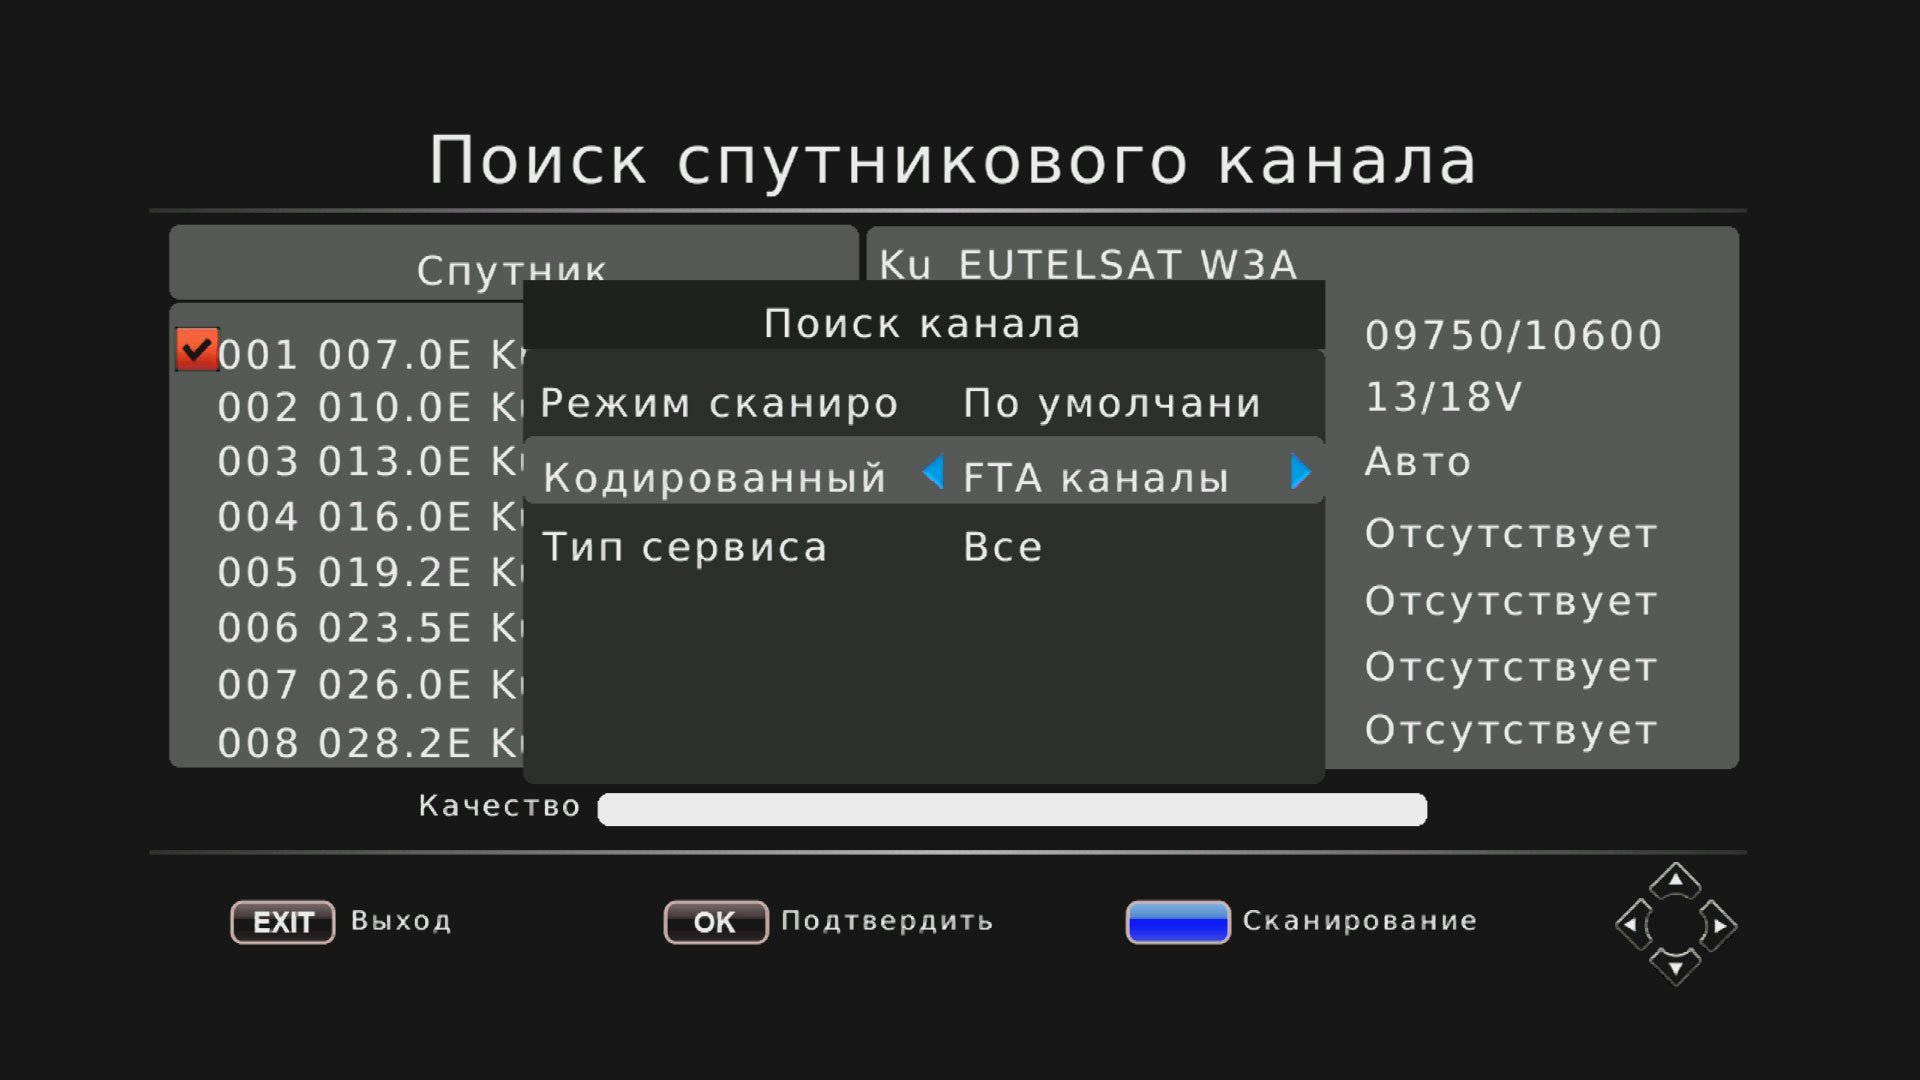 Спутниковие канали онлаин десплатно порно 21 фотография